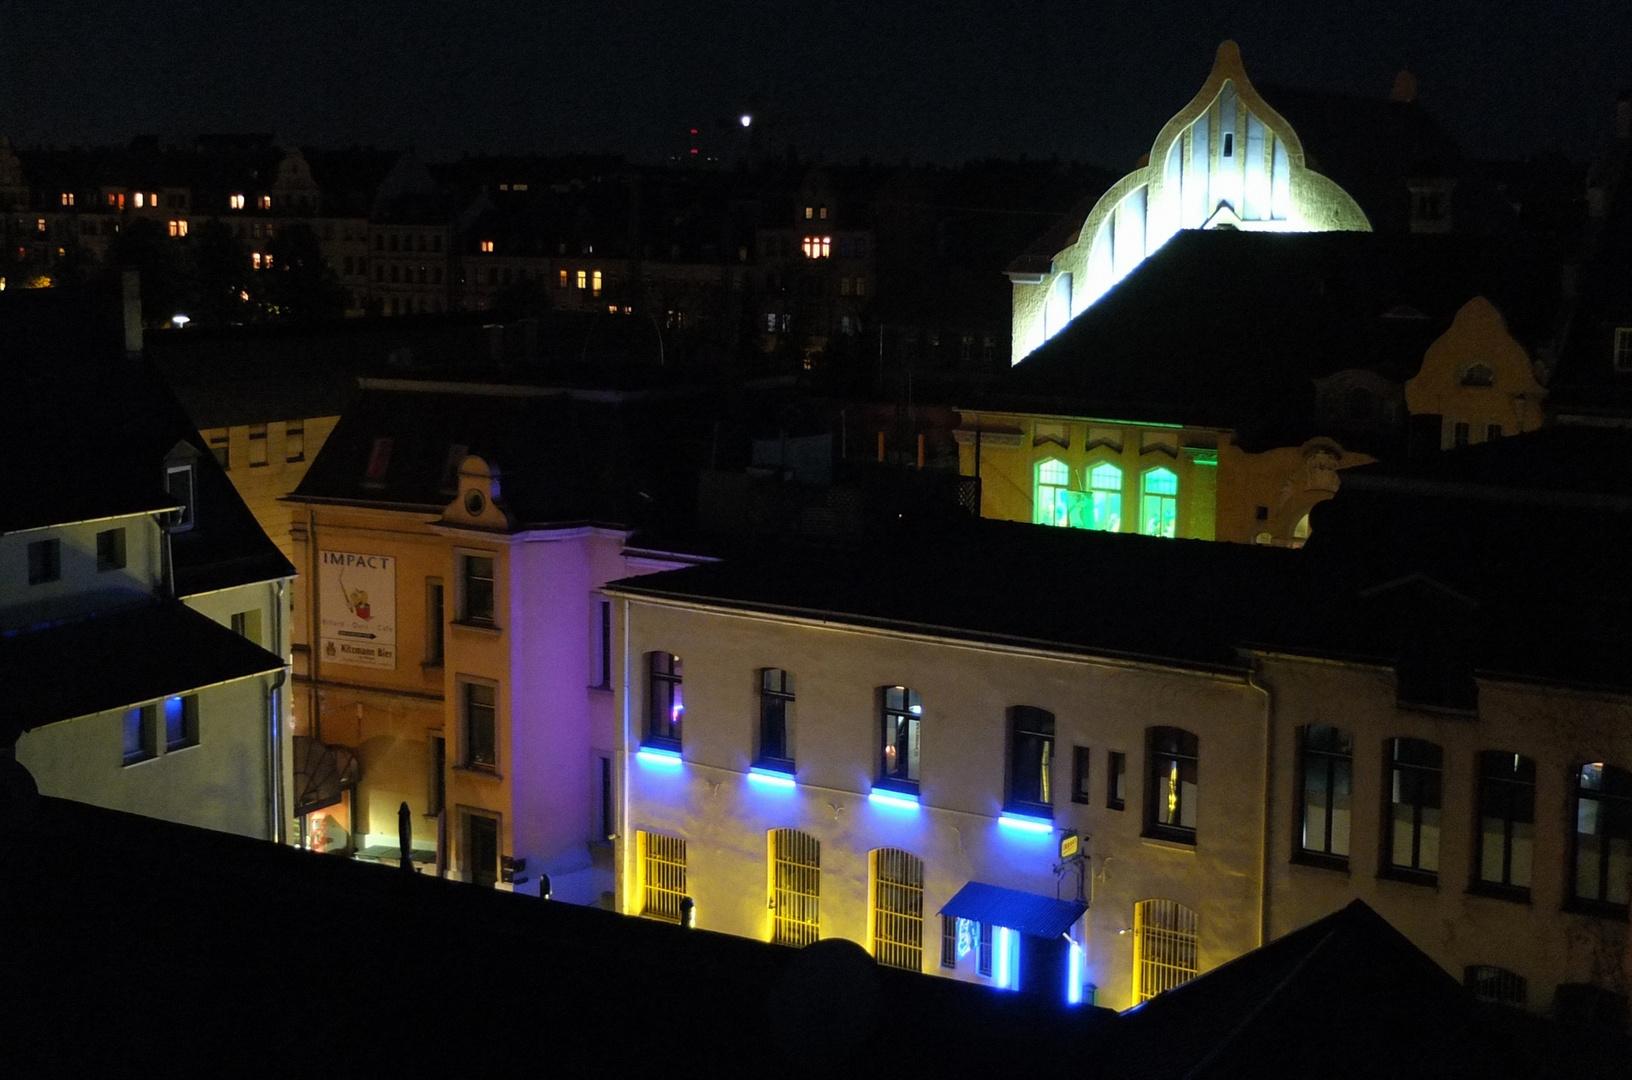 Nacht:farben